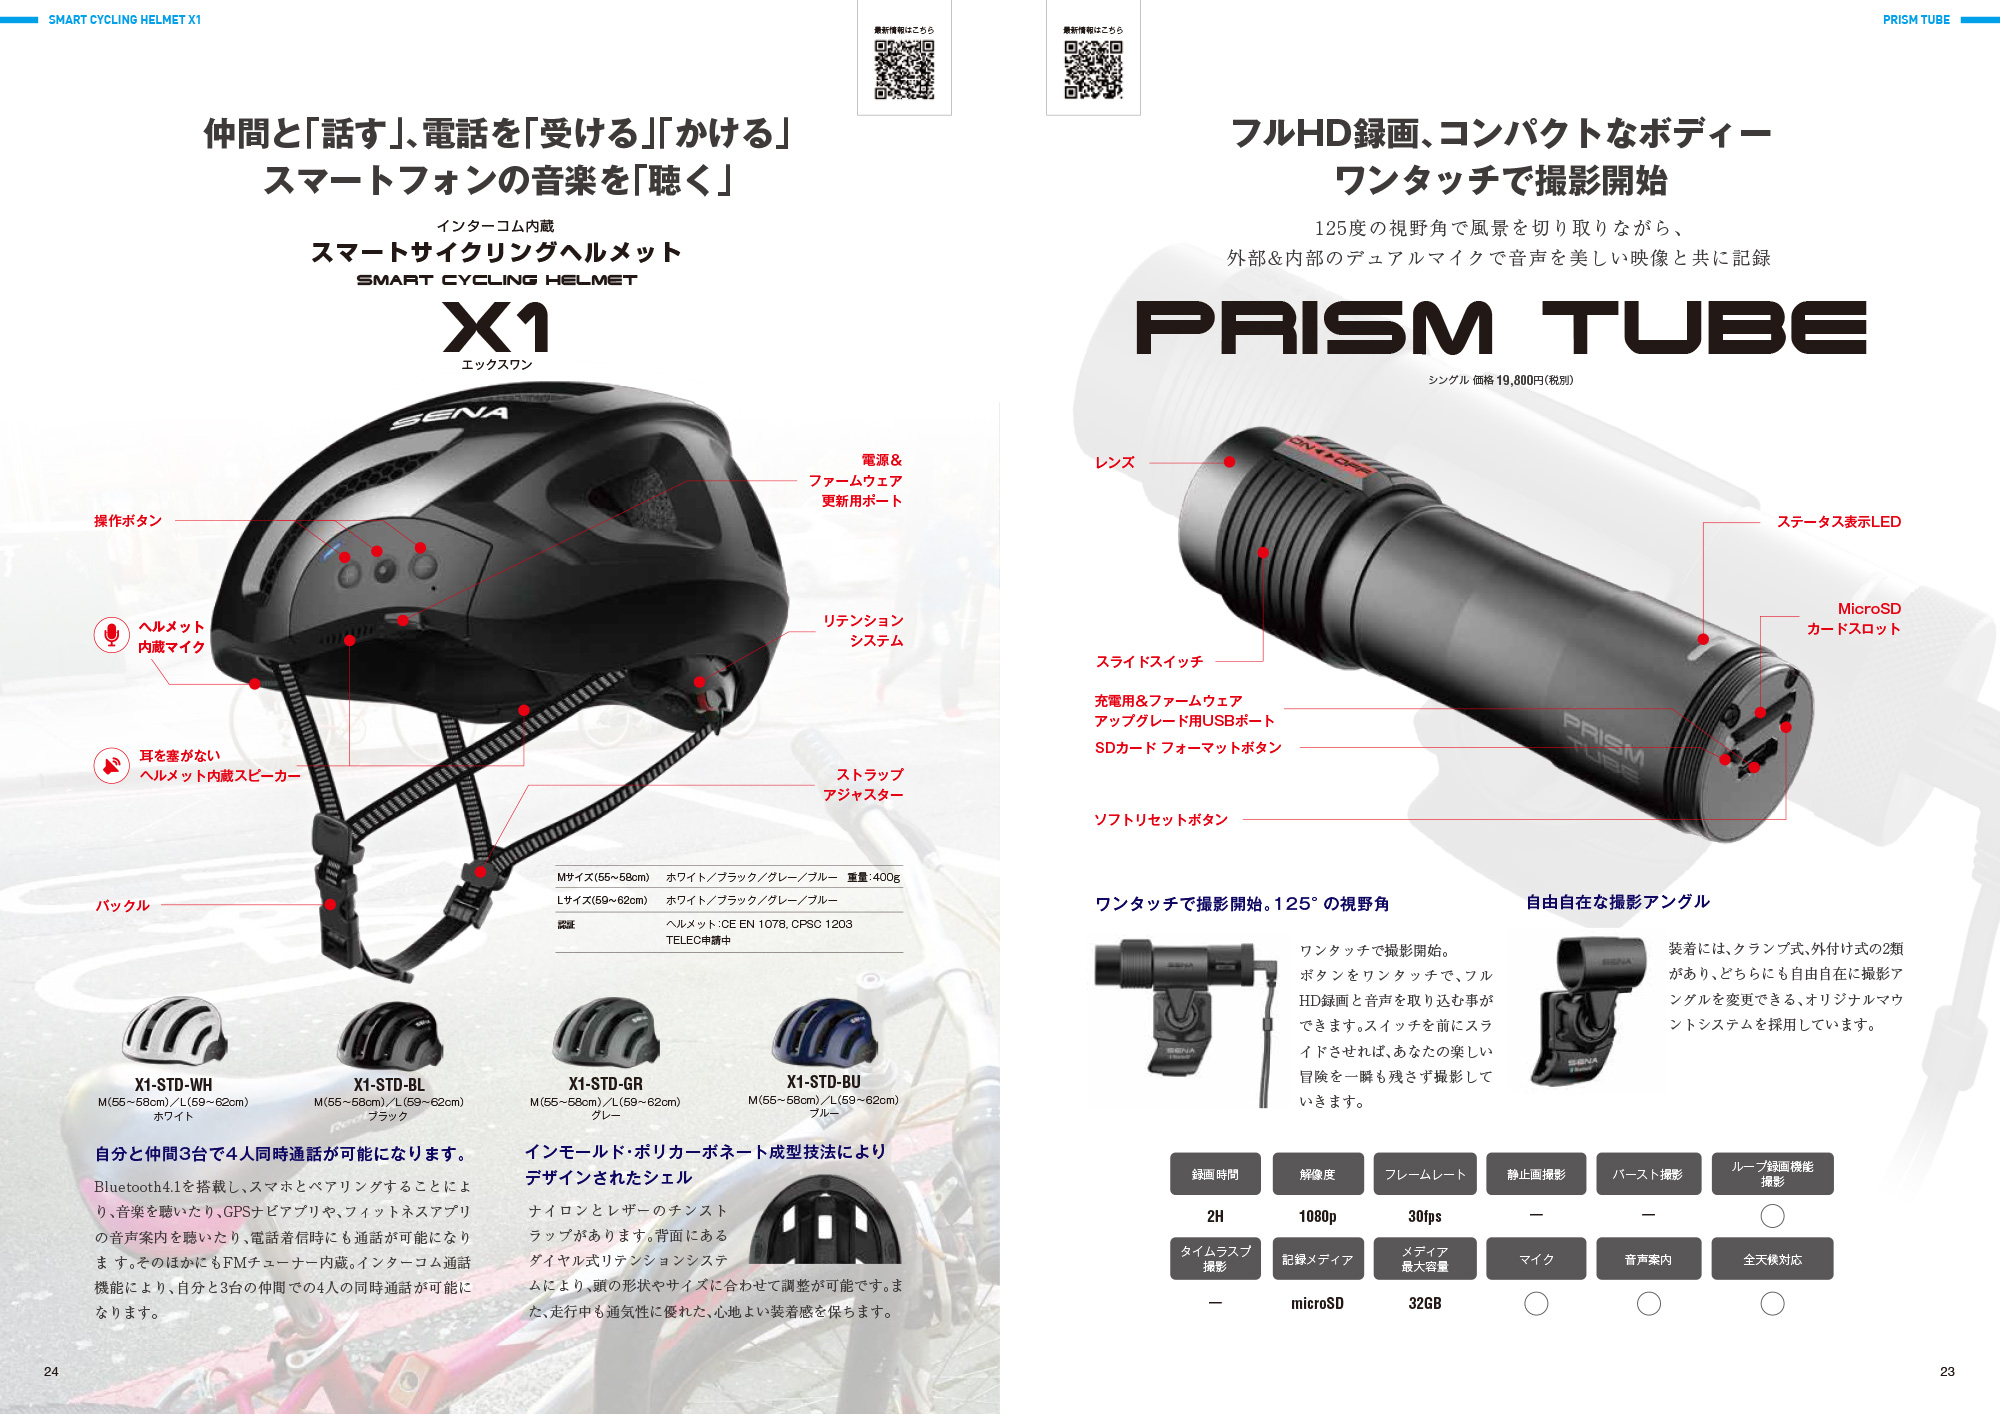 【13:PRISM TUBE/X1】フルHD画像、コンパクトなボディー。ワンタッチで撮影開始。